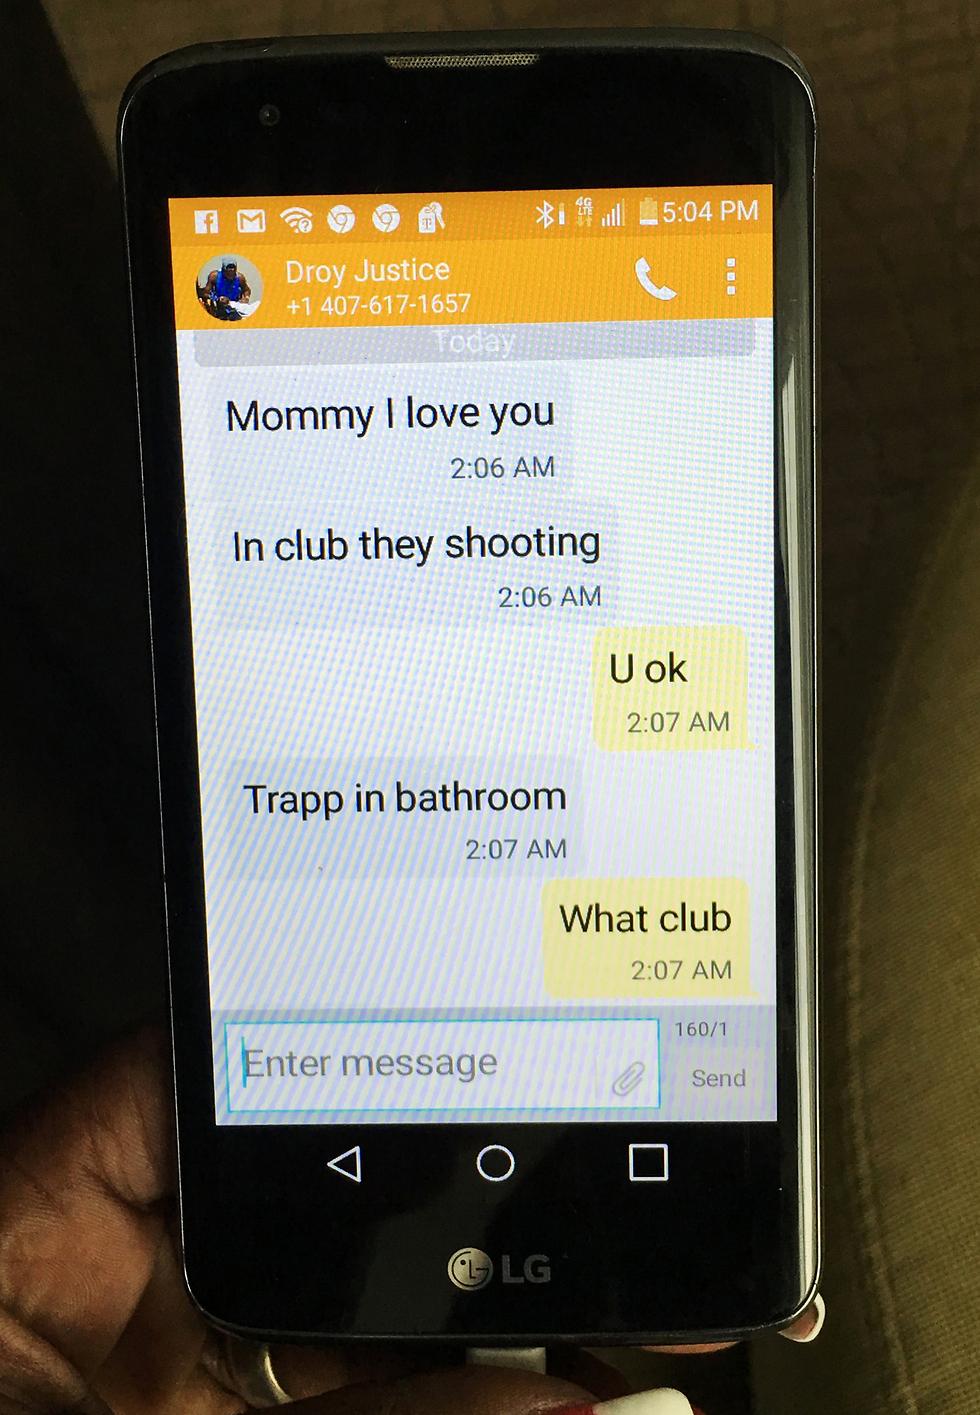 """""""אימא אני אוהב אותך... הם יורים במועדון... לכוד בשירותים..."""". המסרונים של אדי לאמו (צילום: AP) (צילום: AP)"""